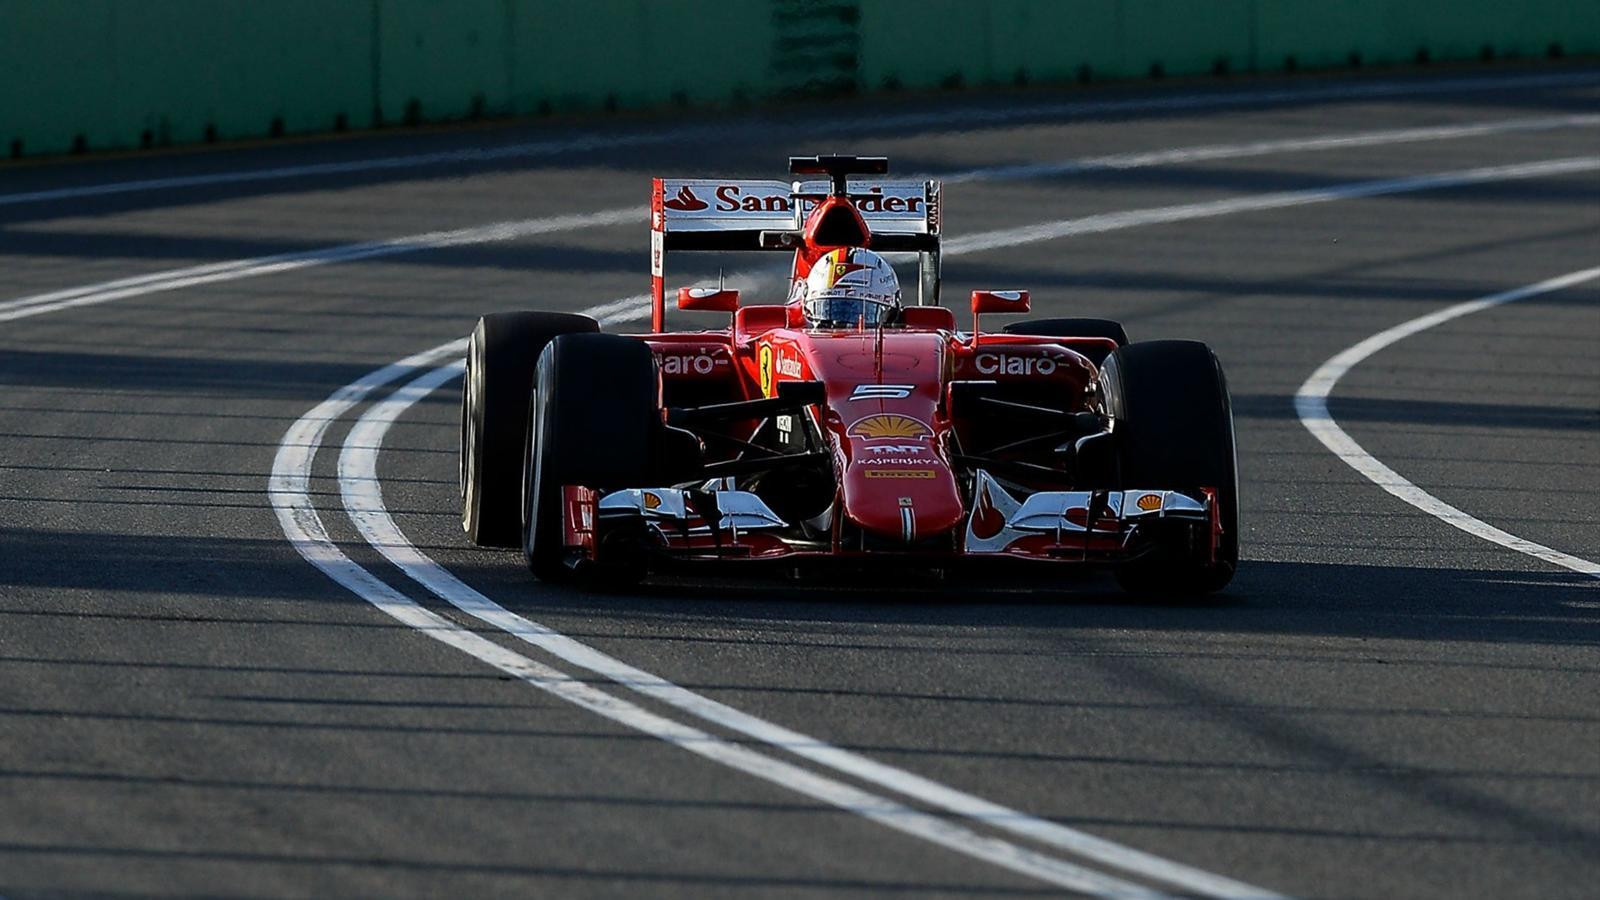 Spécial Sebastian Vettel (Formule un) - Page 12 1435552-30707934-1600-900